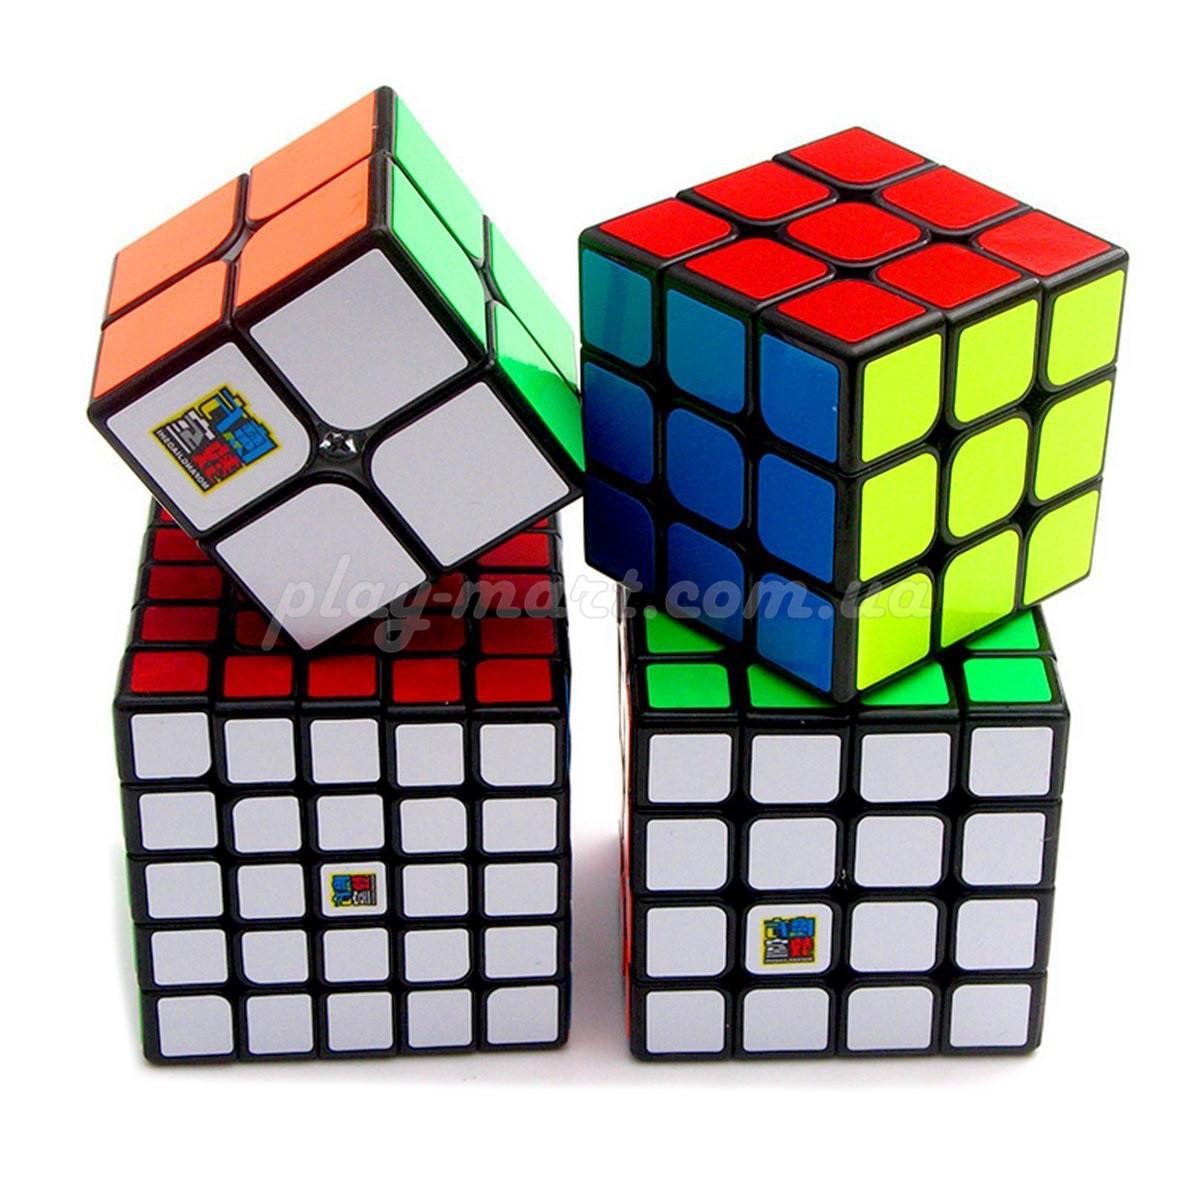 Набор кубиков Рубика MoYu Gift box pack